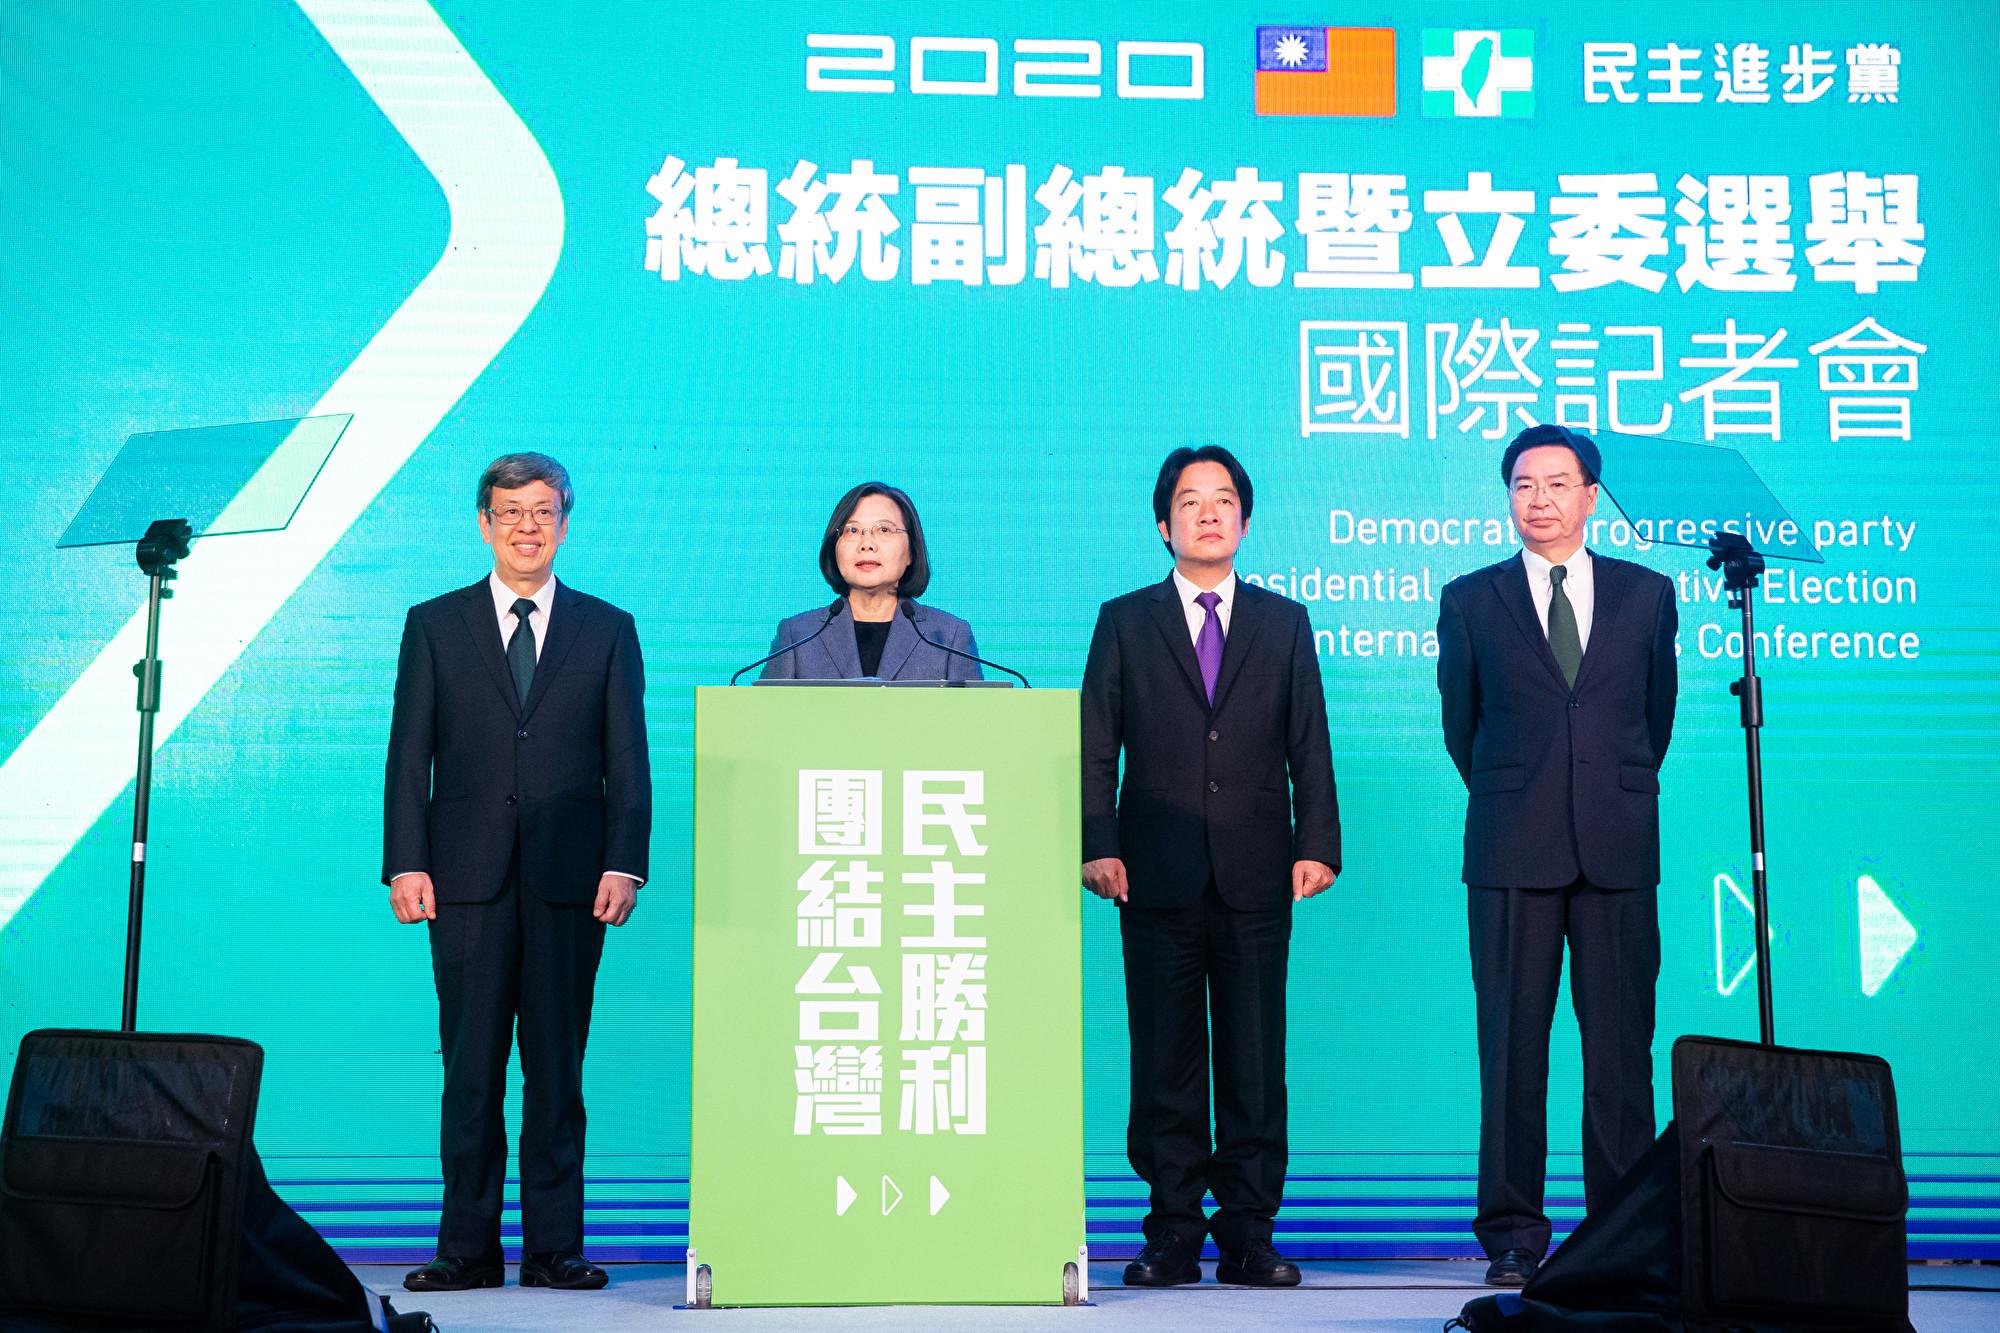 美學者:台選舉結果是多數台灣人徹底勝利